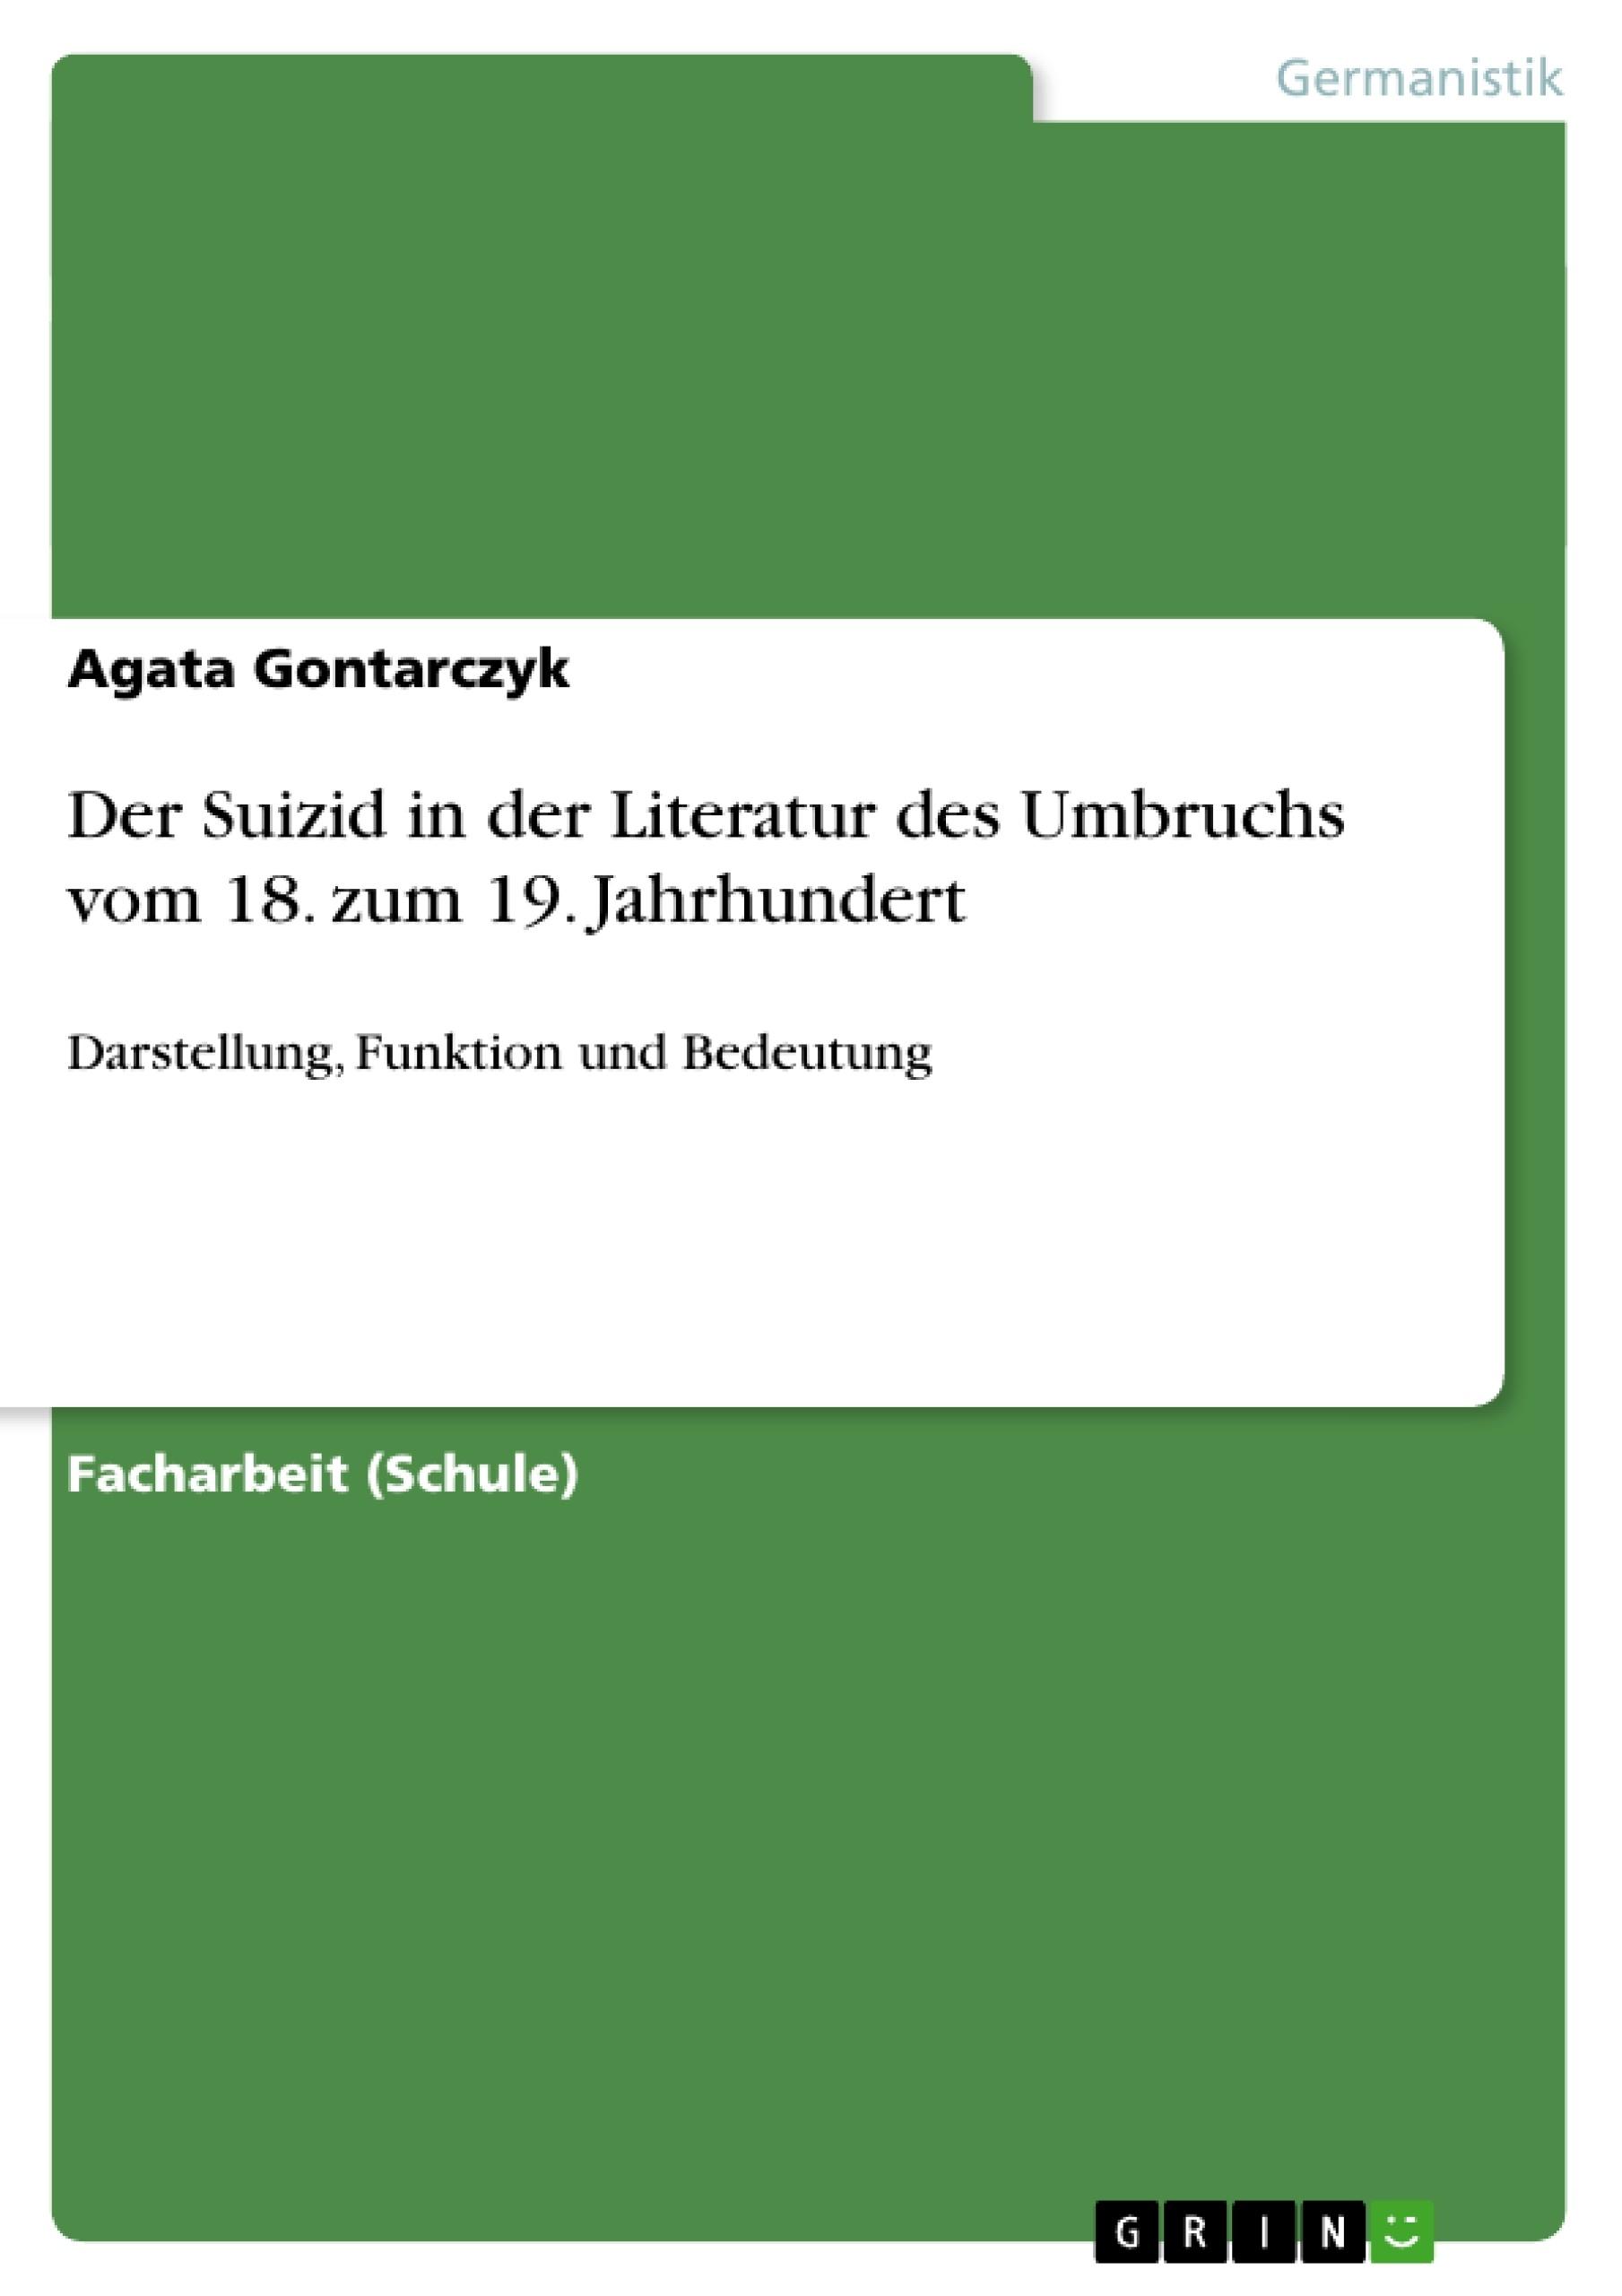 Titel: Der Suizid in der Literatur des Umbruchs vom 18. zum 19. Jahrhundert